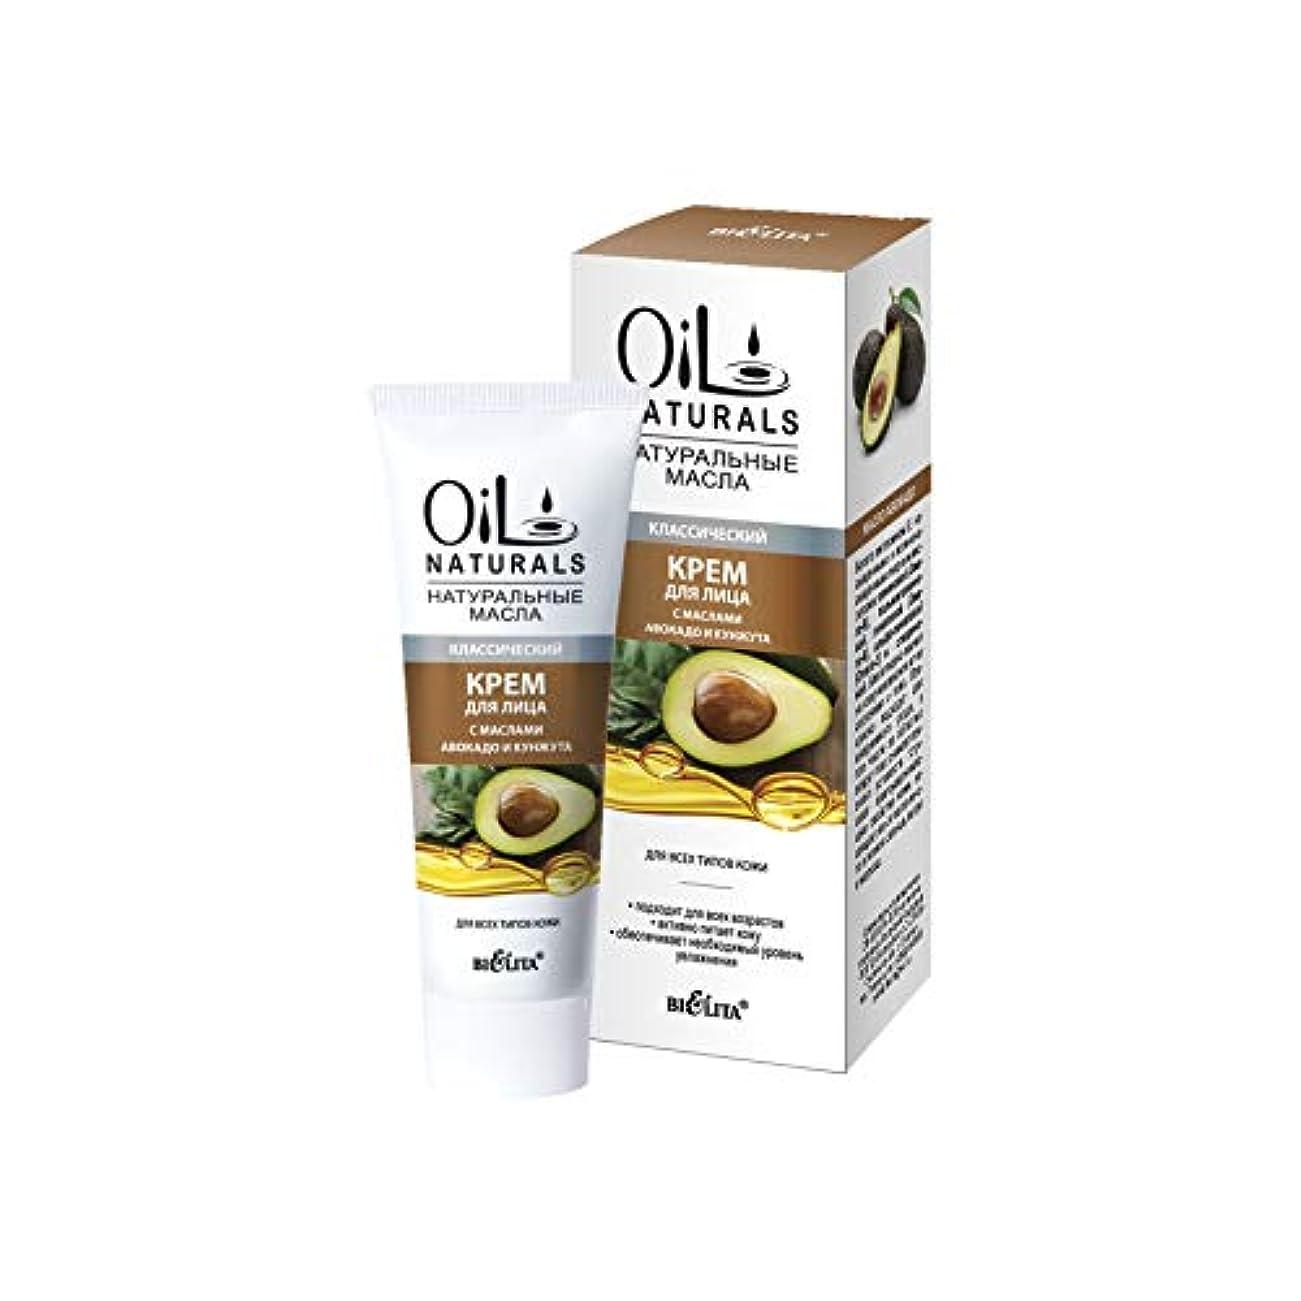 起点シーズン記述するBielita & Vitex |Oil Naturals Line | Classic Moisturizing Face Cream, for All Skin Types, 50 ml | Avocado Oil,...